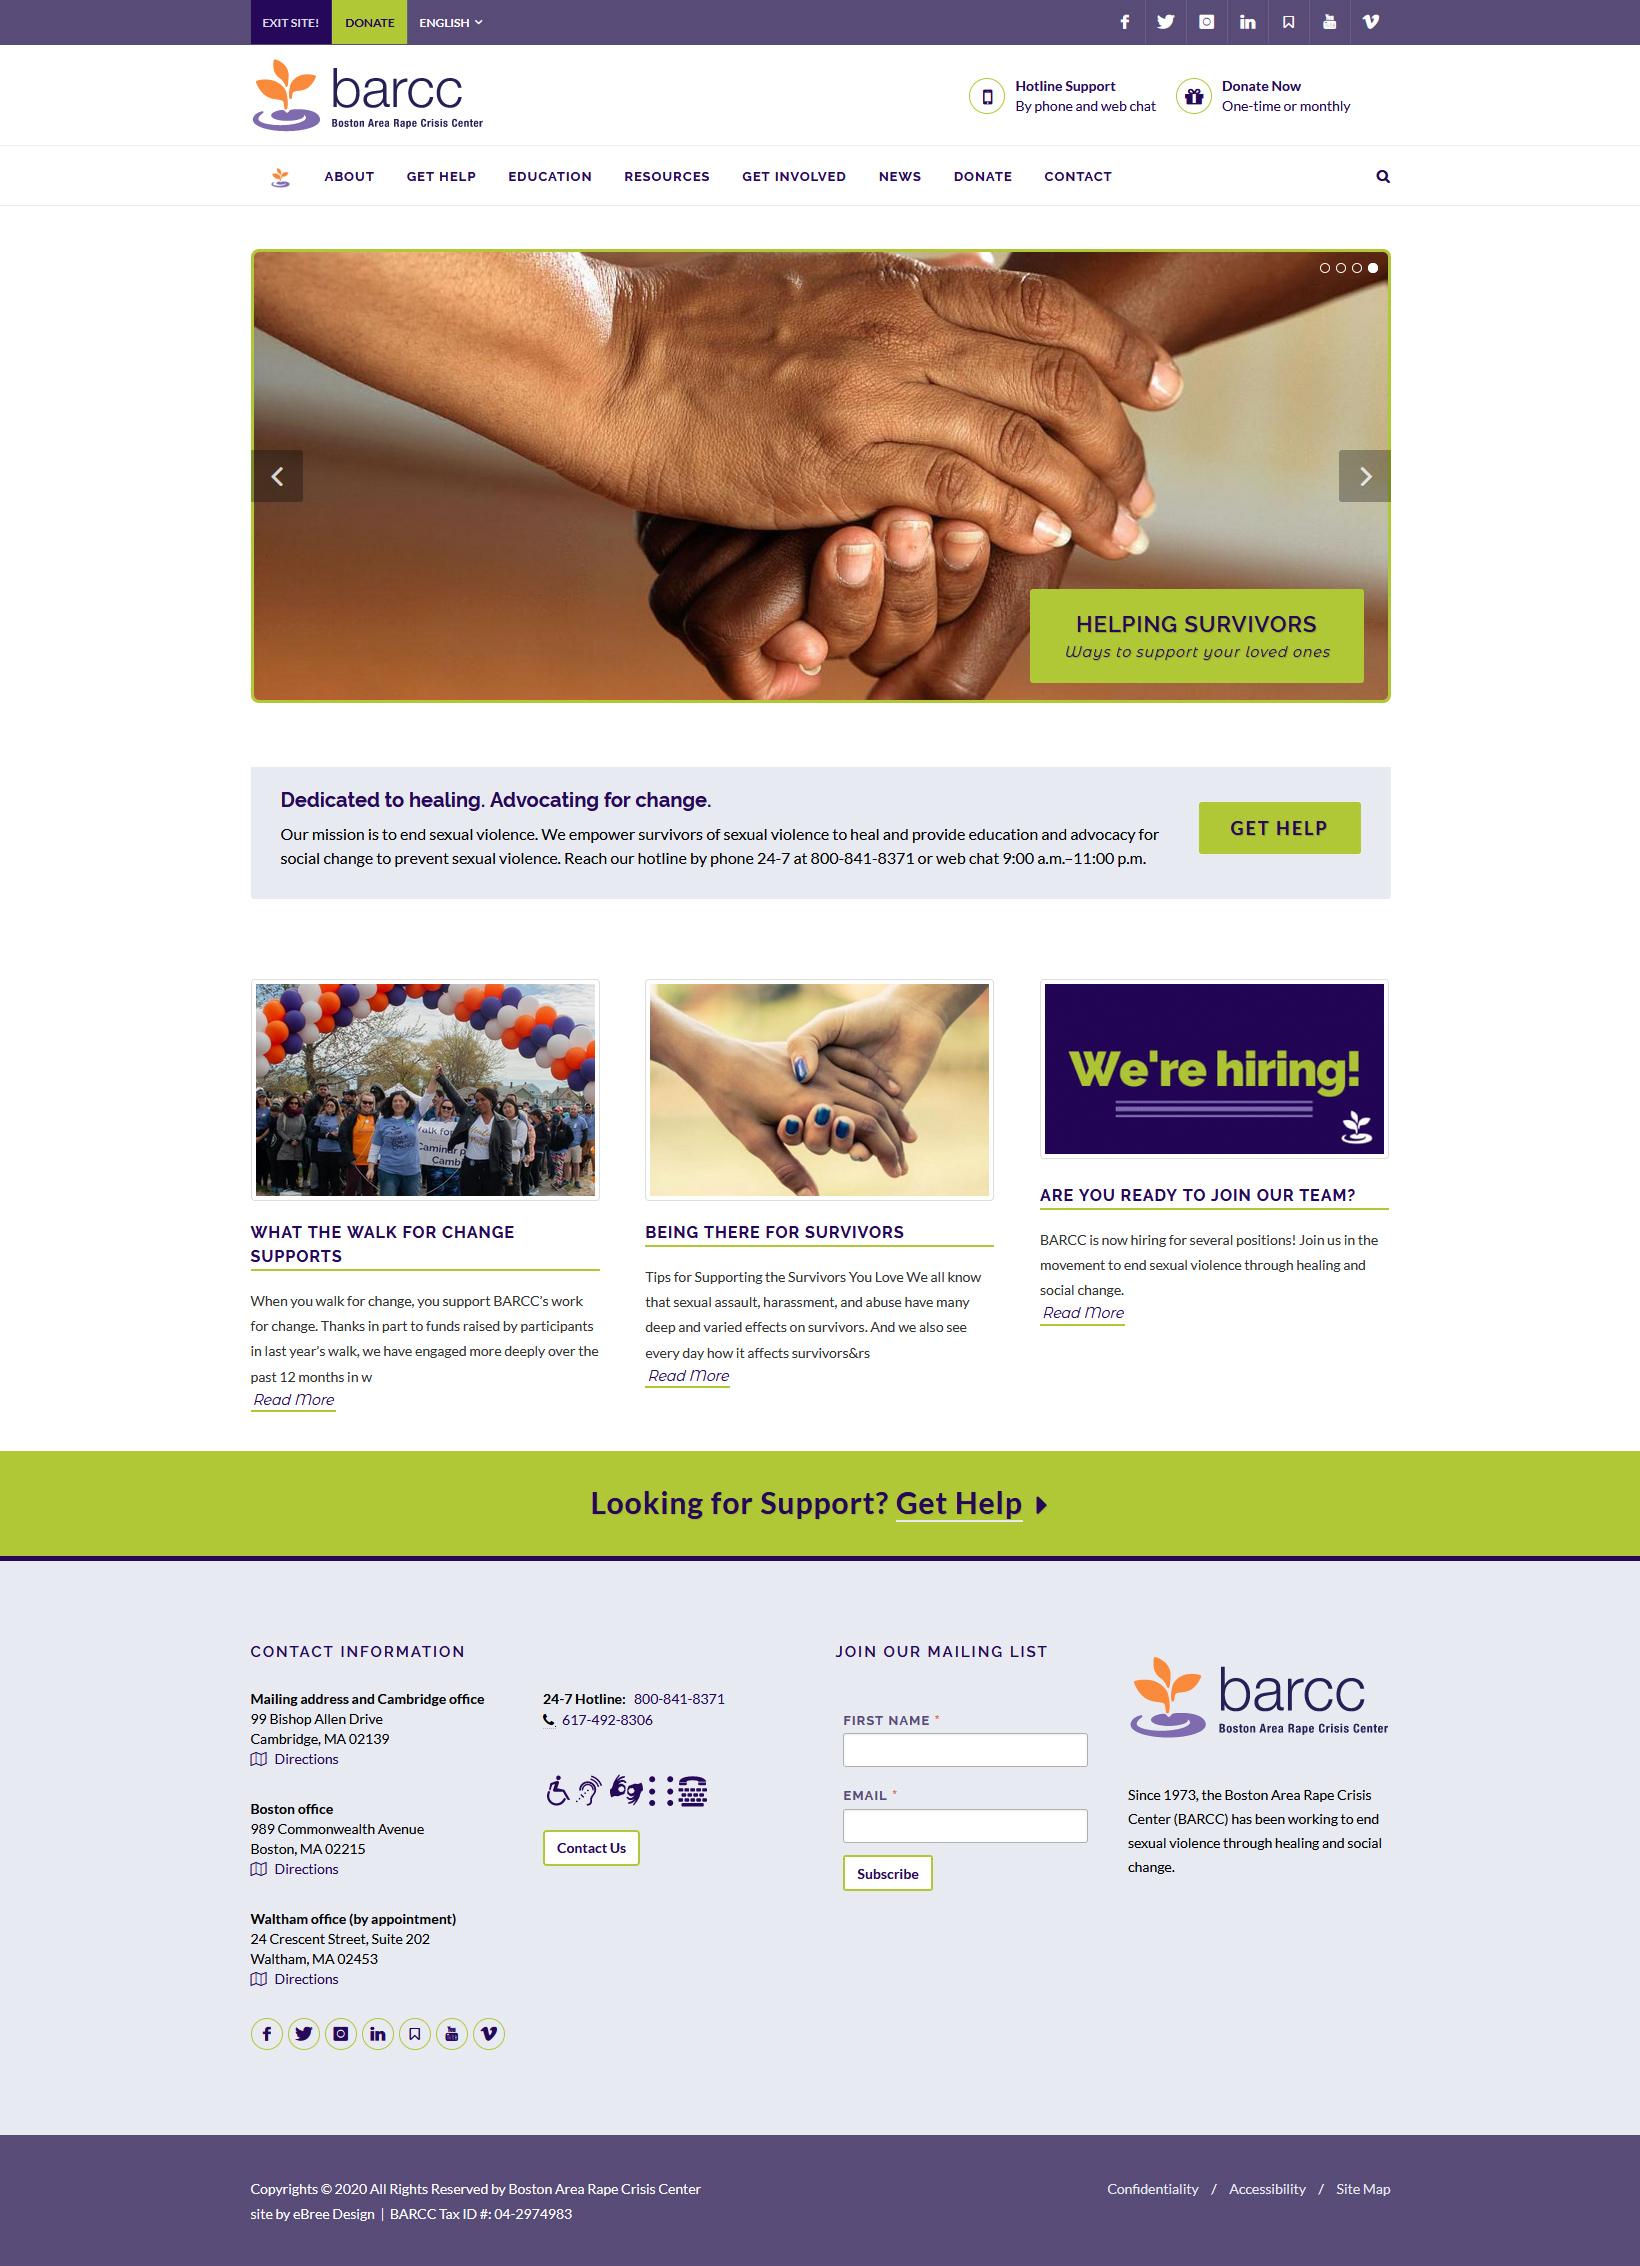 www.barcc.org